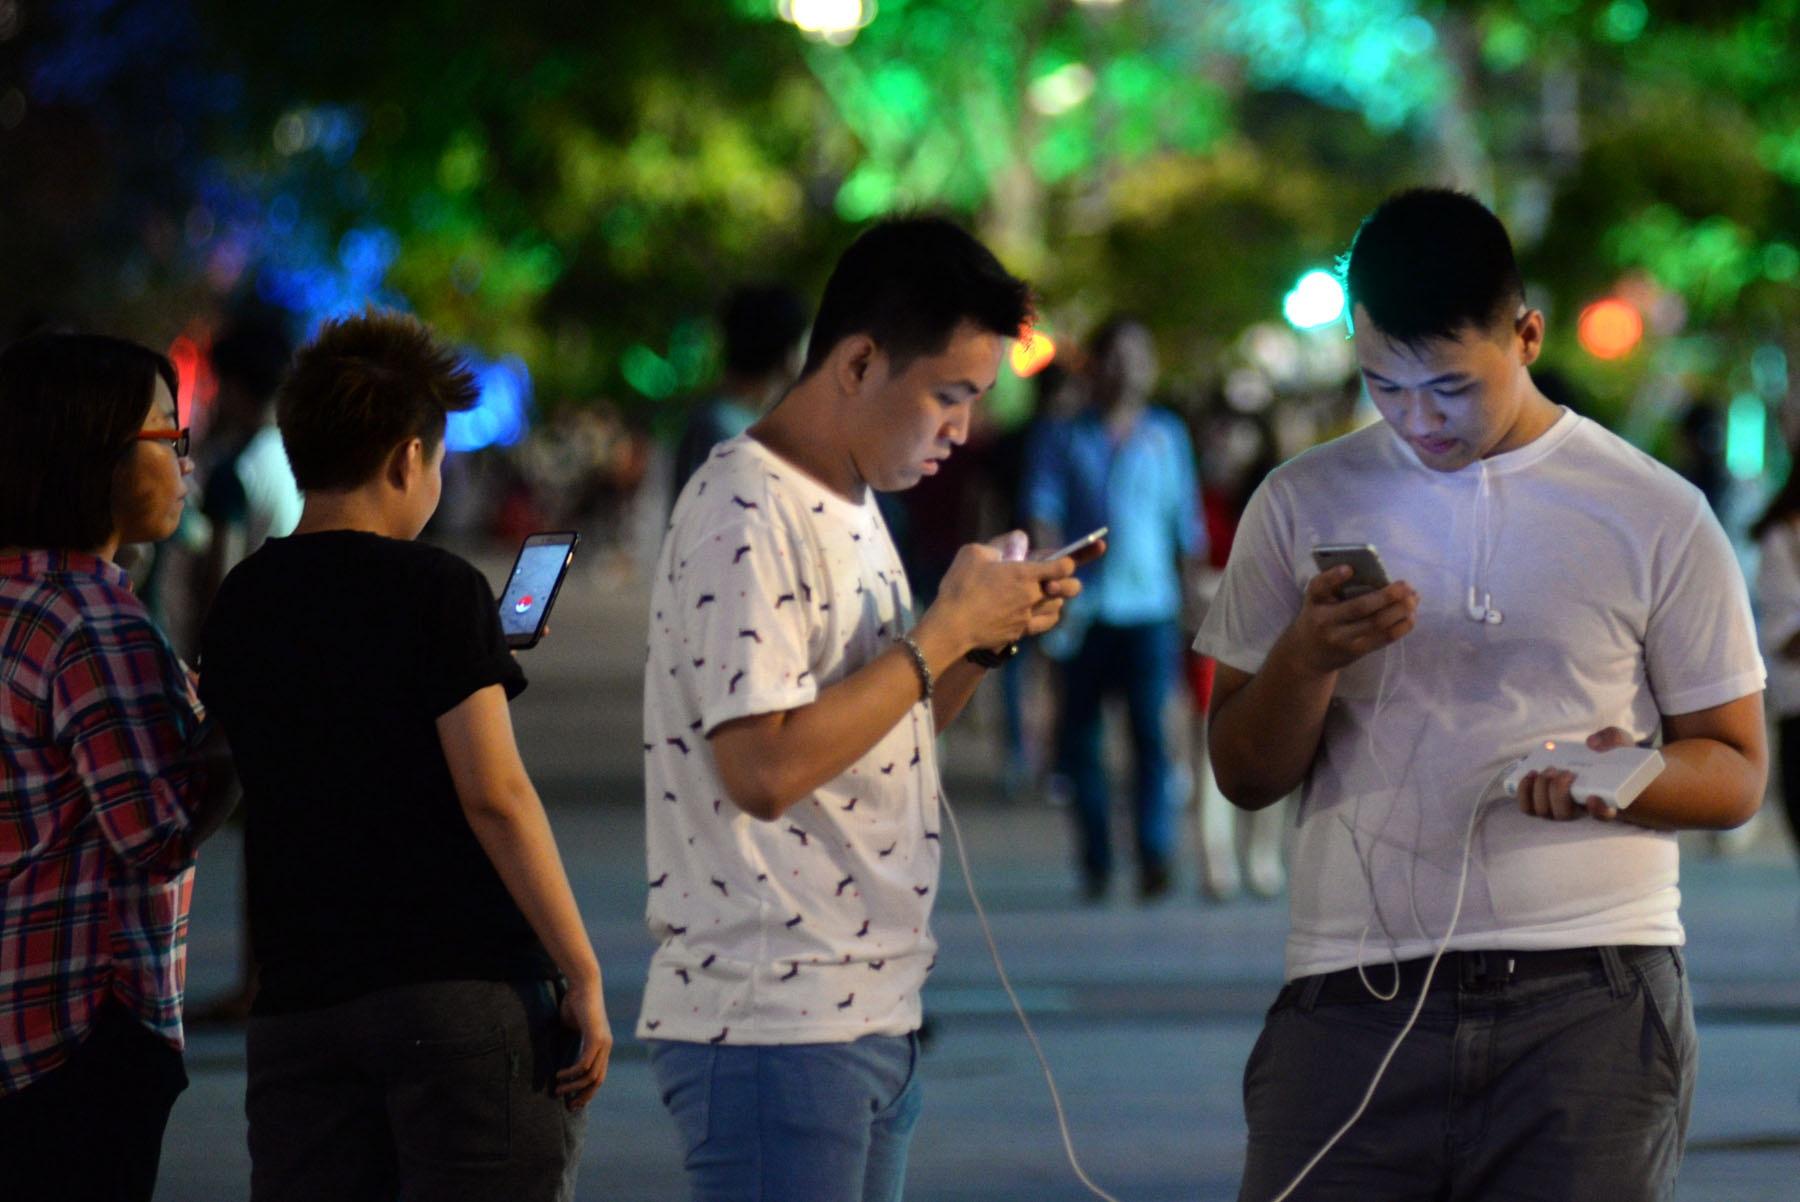 Những nguy hiểm rình rập khi chơi Pokemon Go ở nơi công cộng. Ảnh: Nguyễn Quang